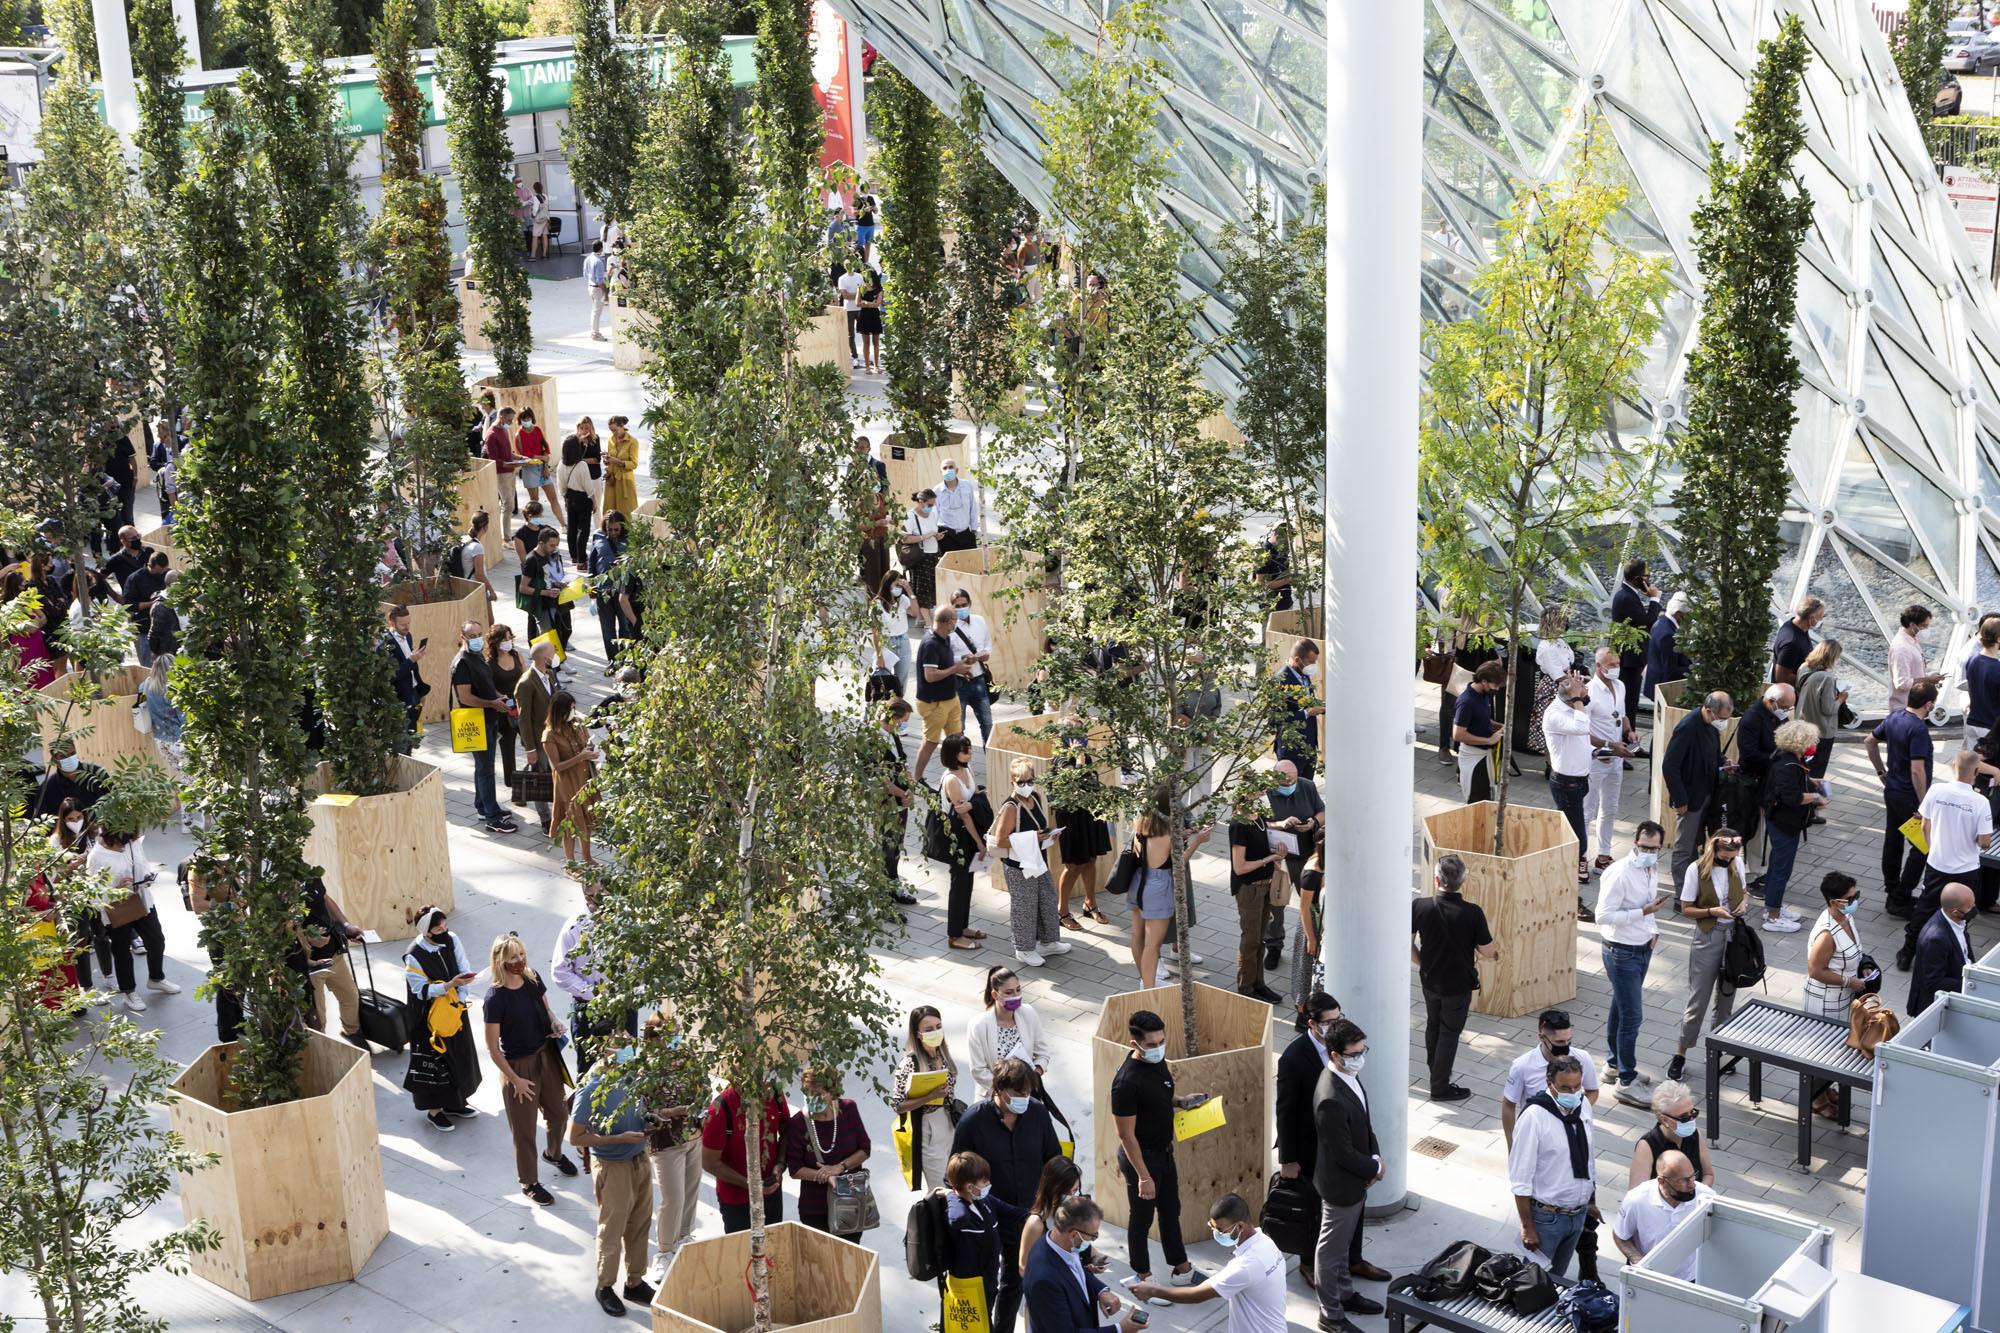 Warteschlangen am Eingangsbereich der Messe. Foto: Salone del Mobile